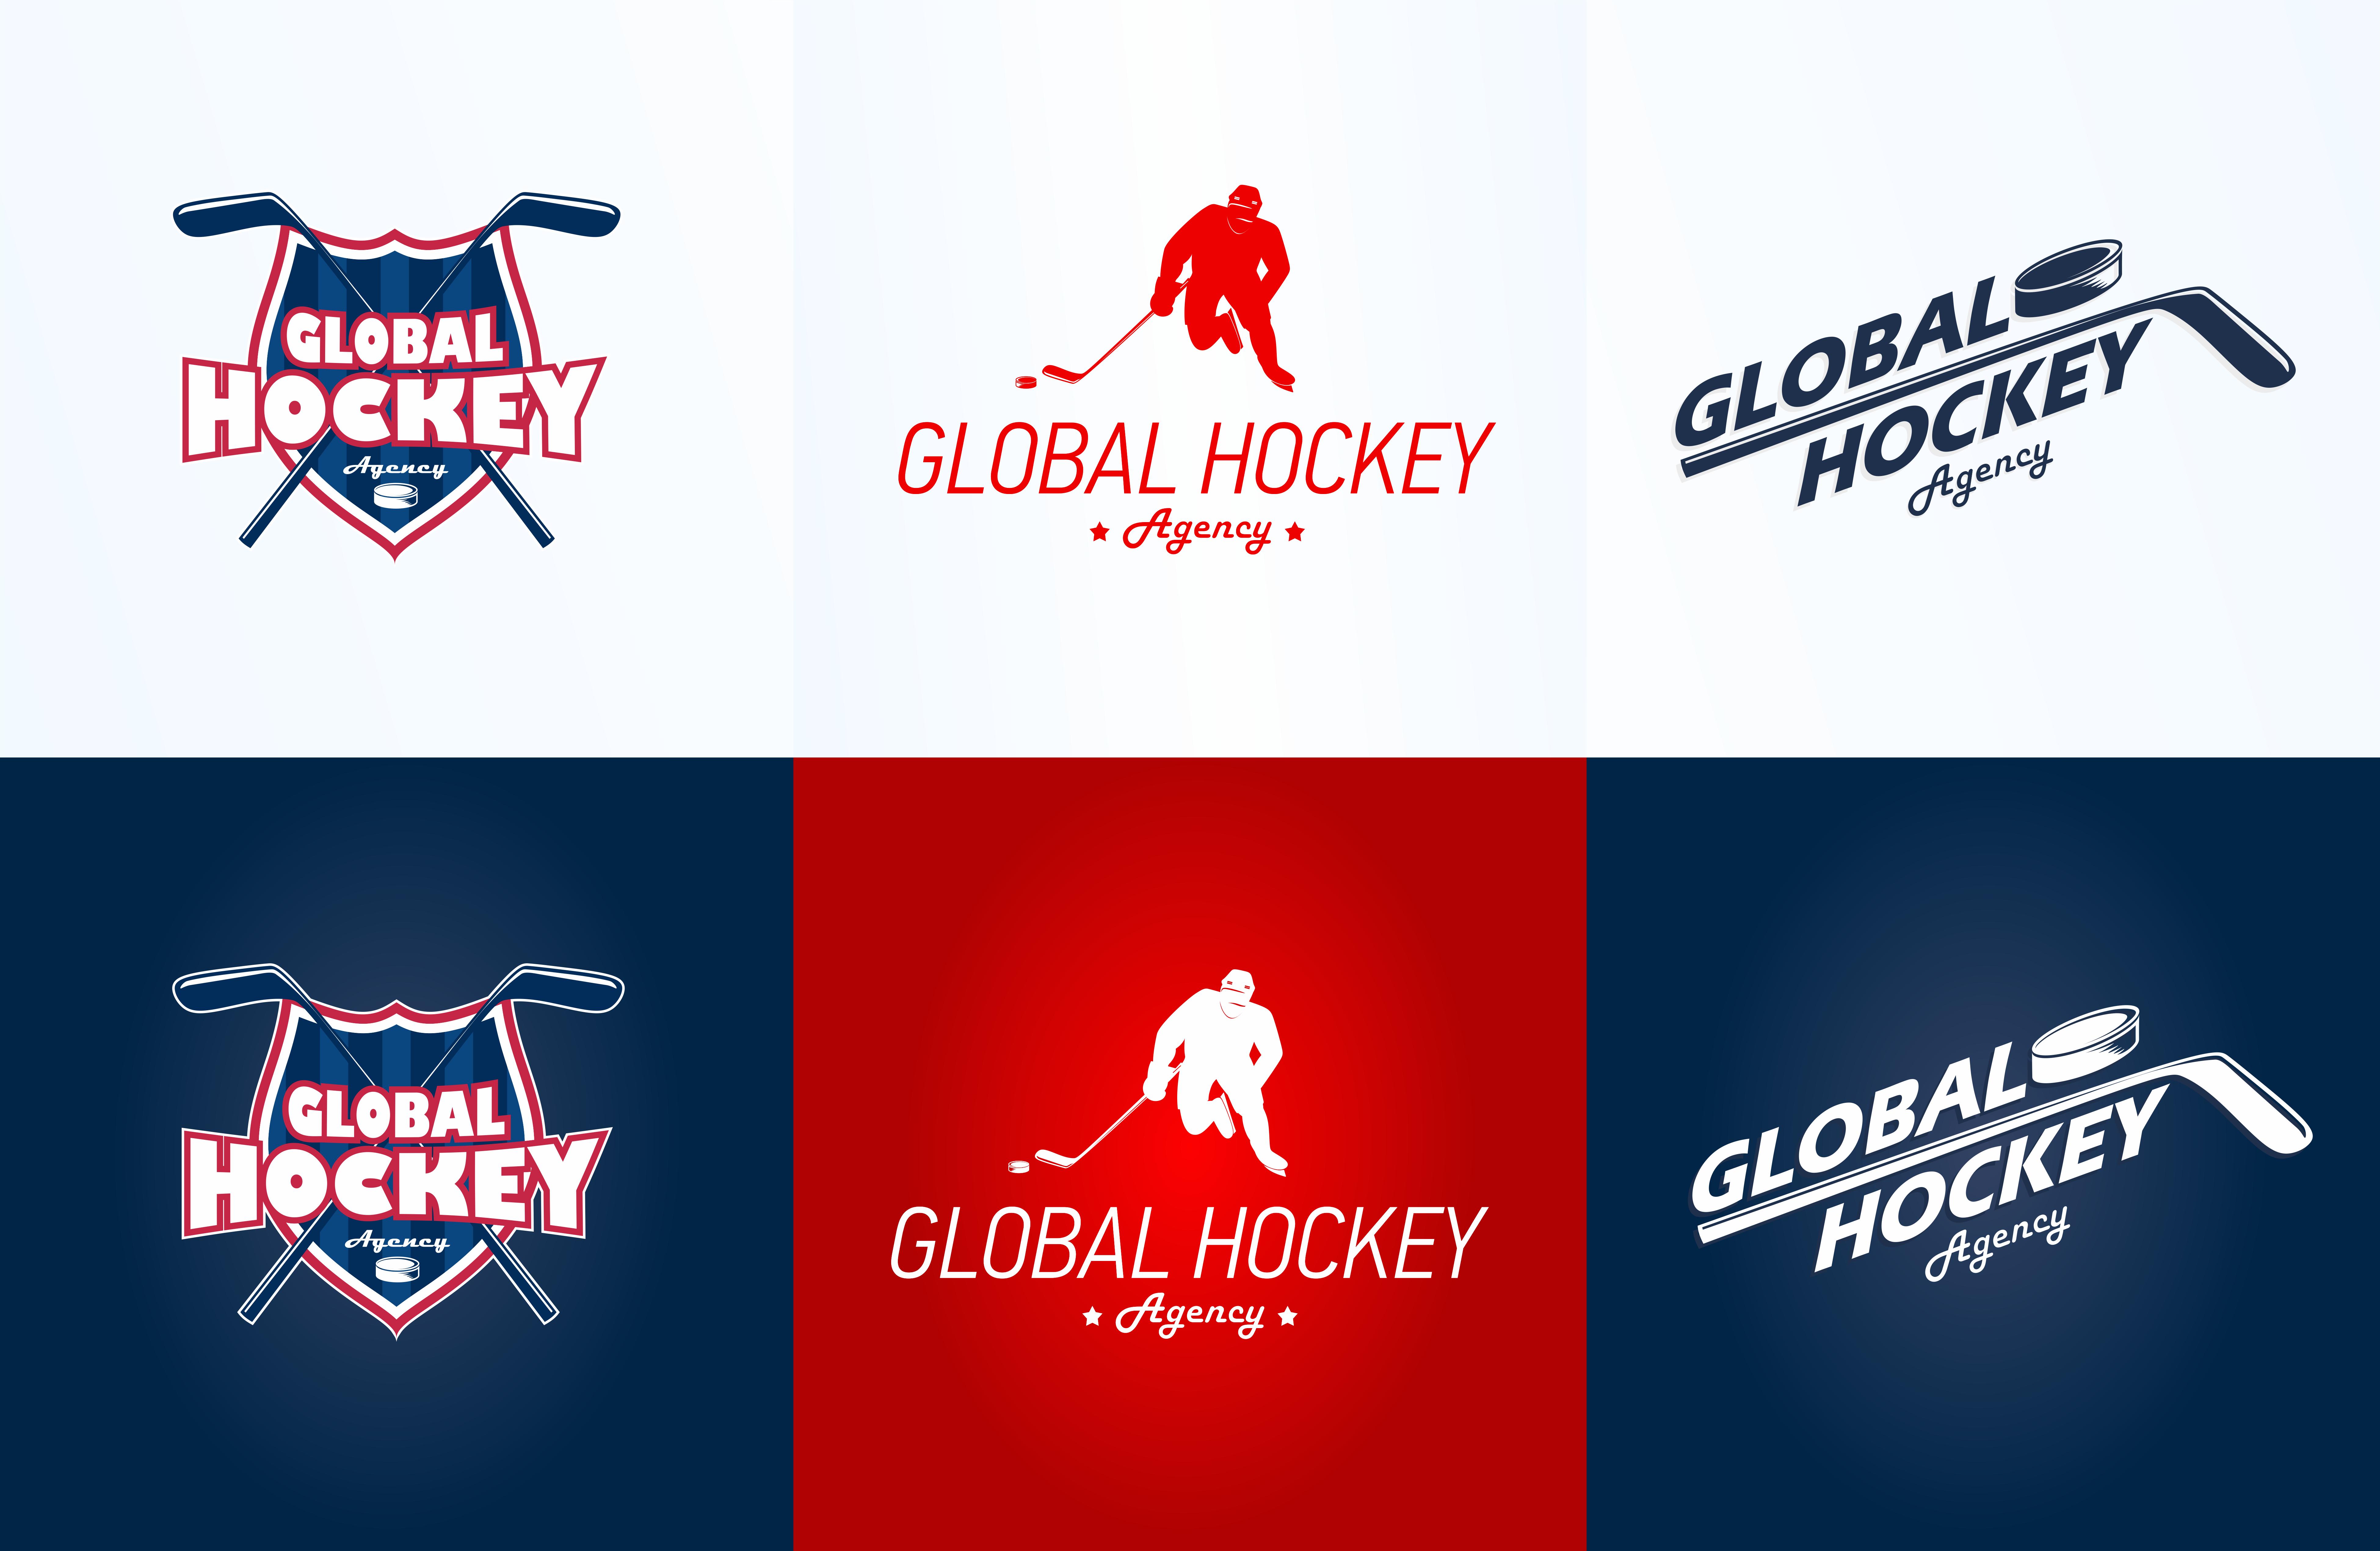 Global hockey